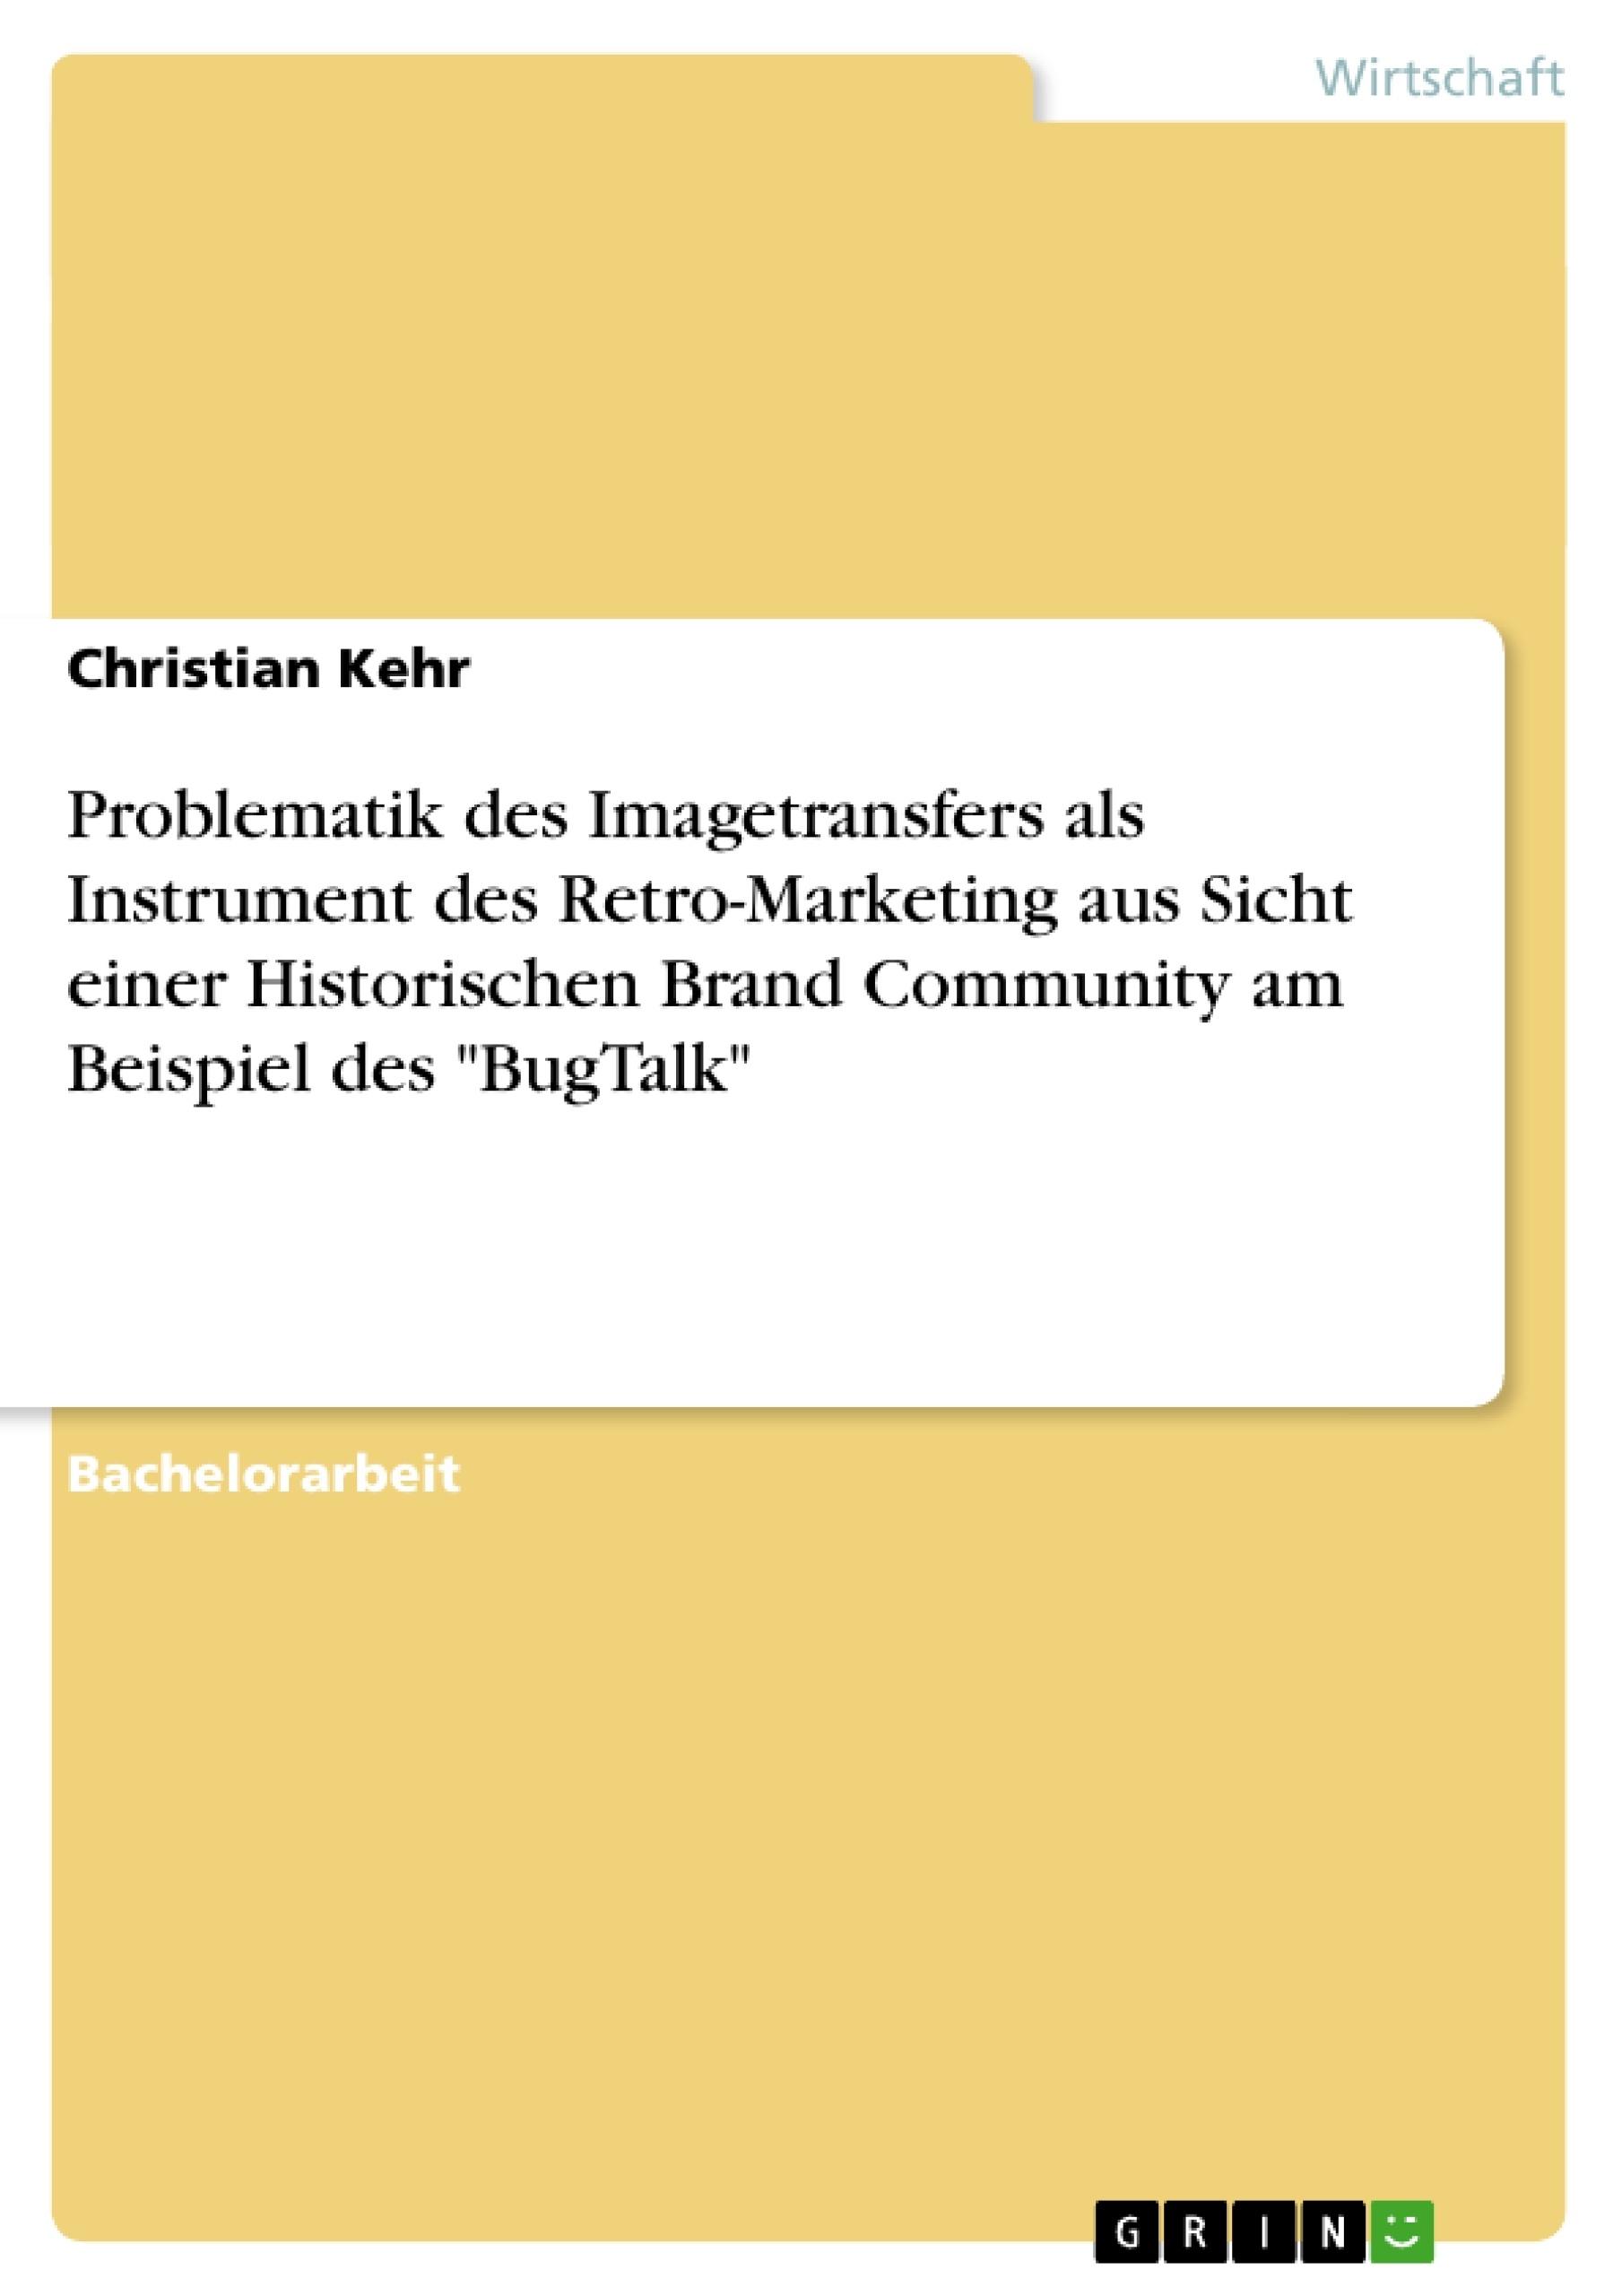 """Titel: Problematik des Imagetransfers als Instrument des Retro-Marketing aus Sicht einer Historischen Brand Community am Beispiel des """"BugTalk"""""""